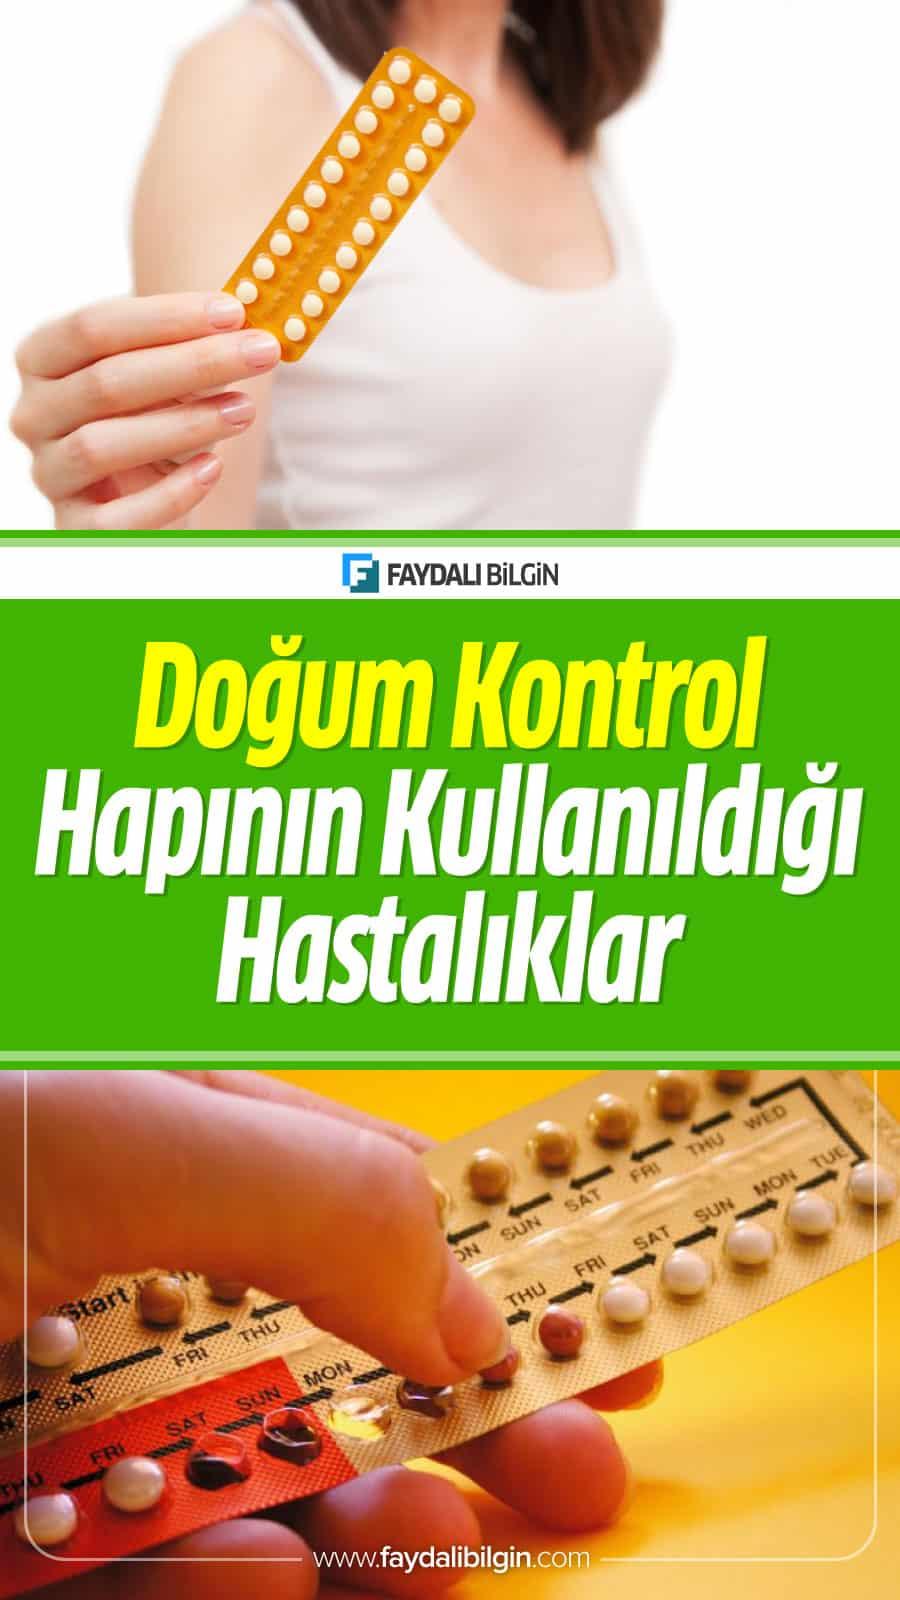 Doğum Kontrol Hapının Kullanıldığı Hastalıklar